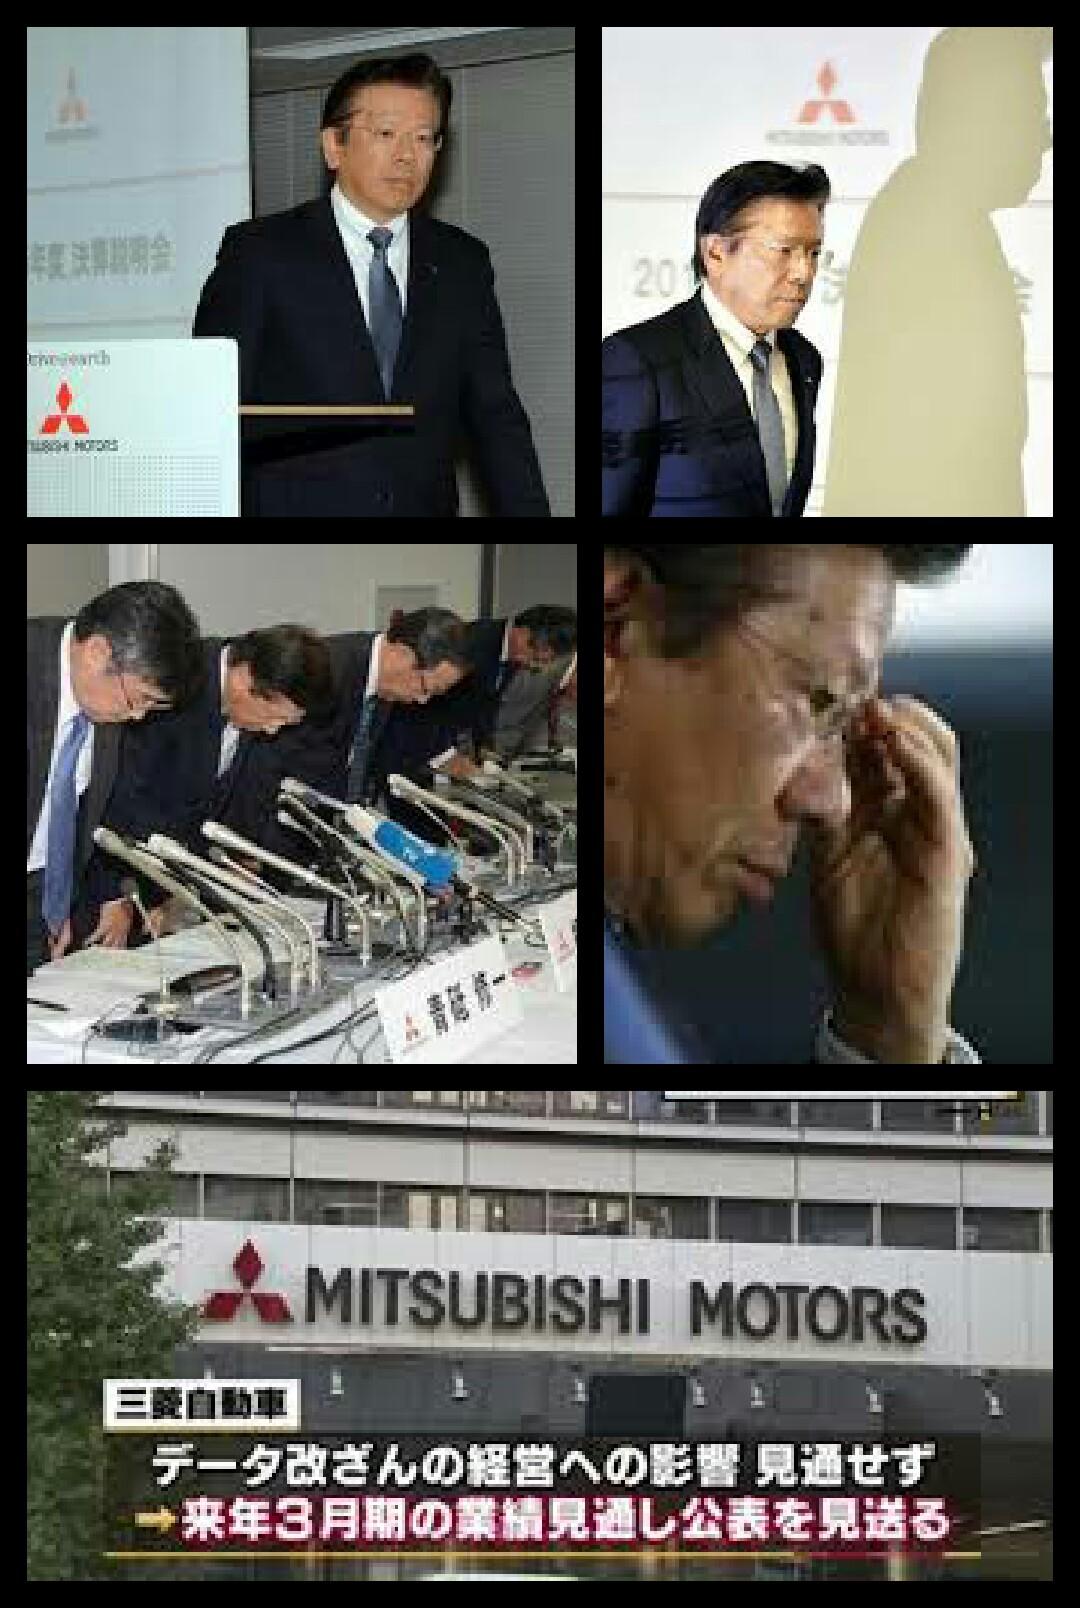 三菱自動車決算発表2016